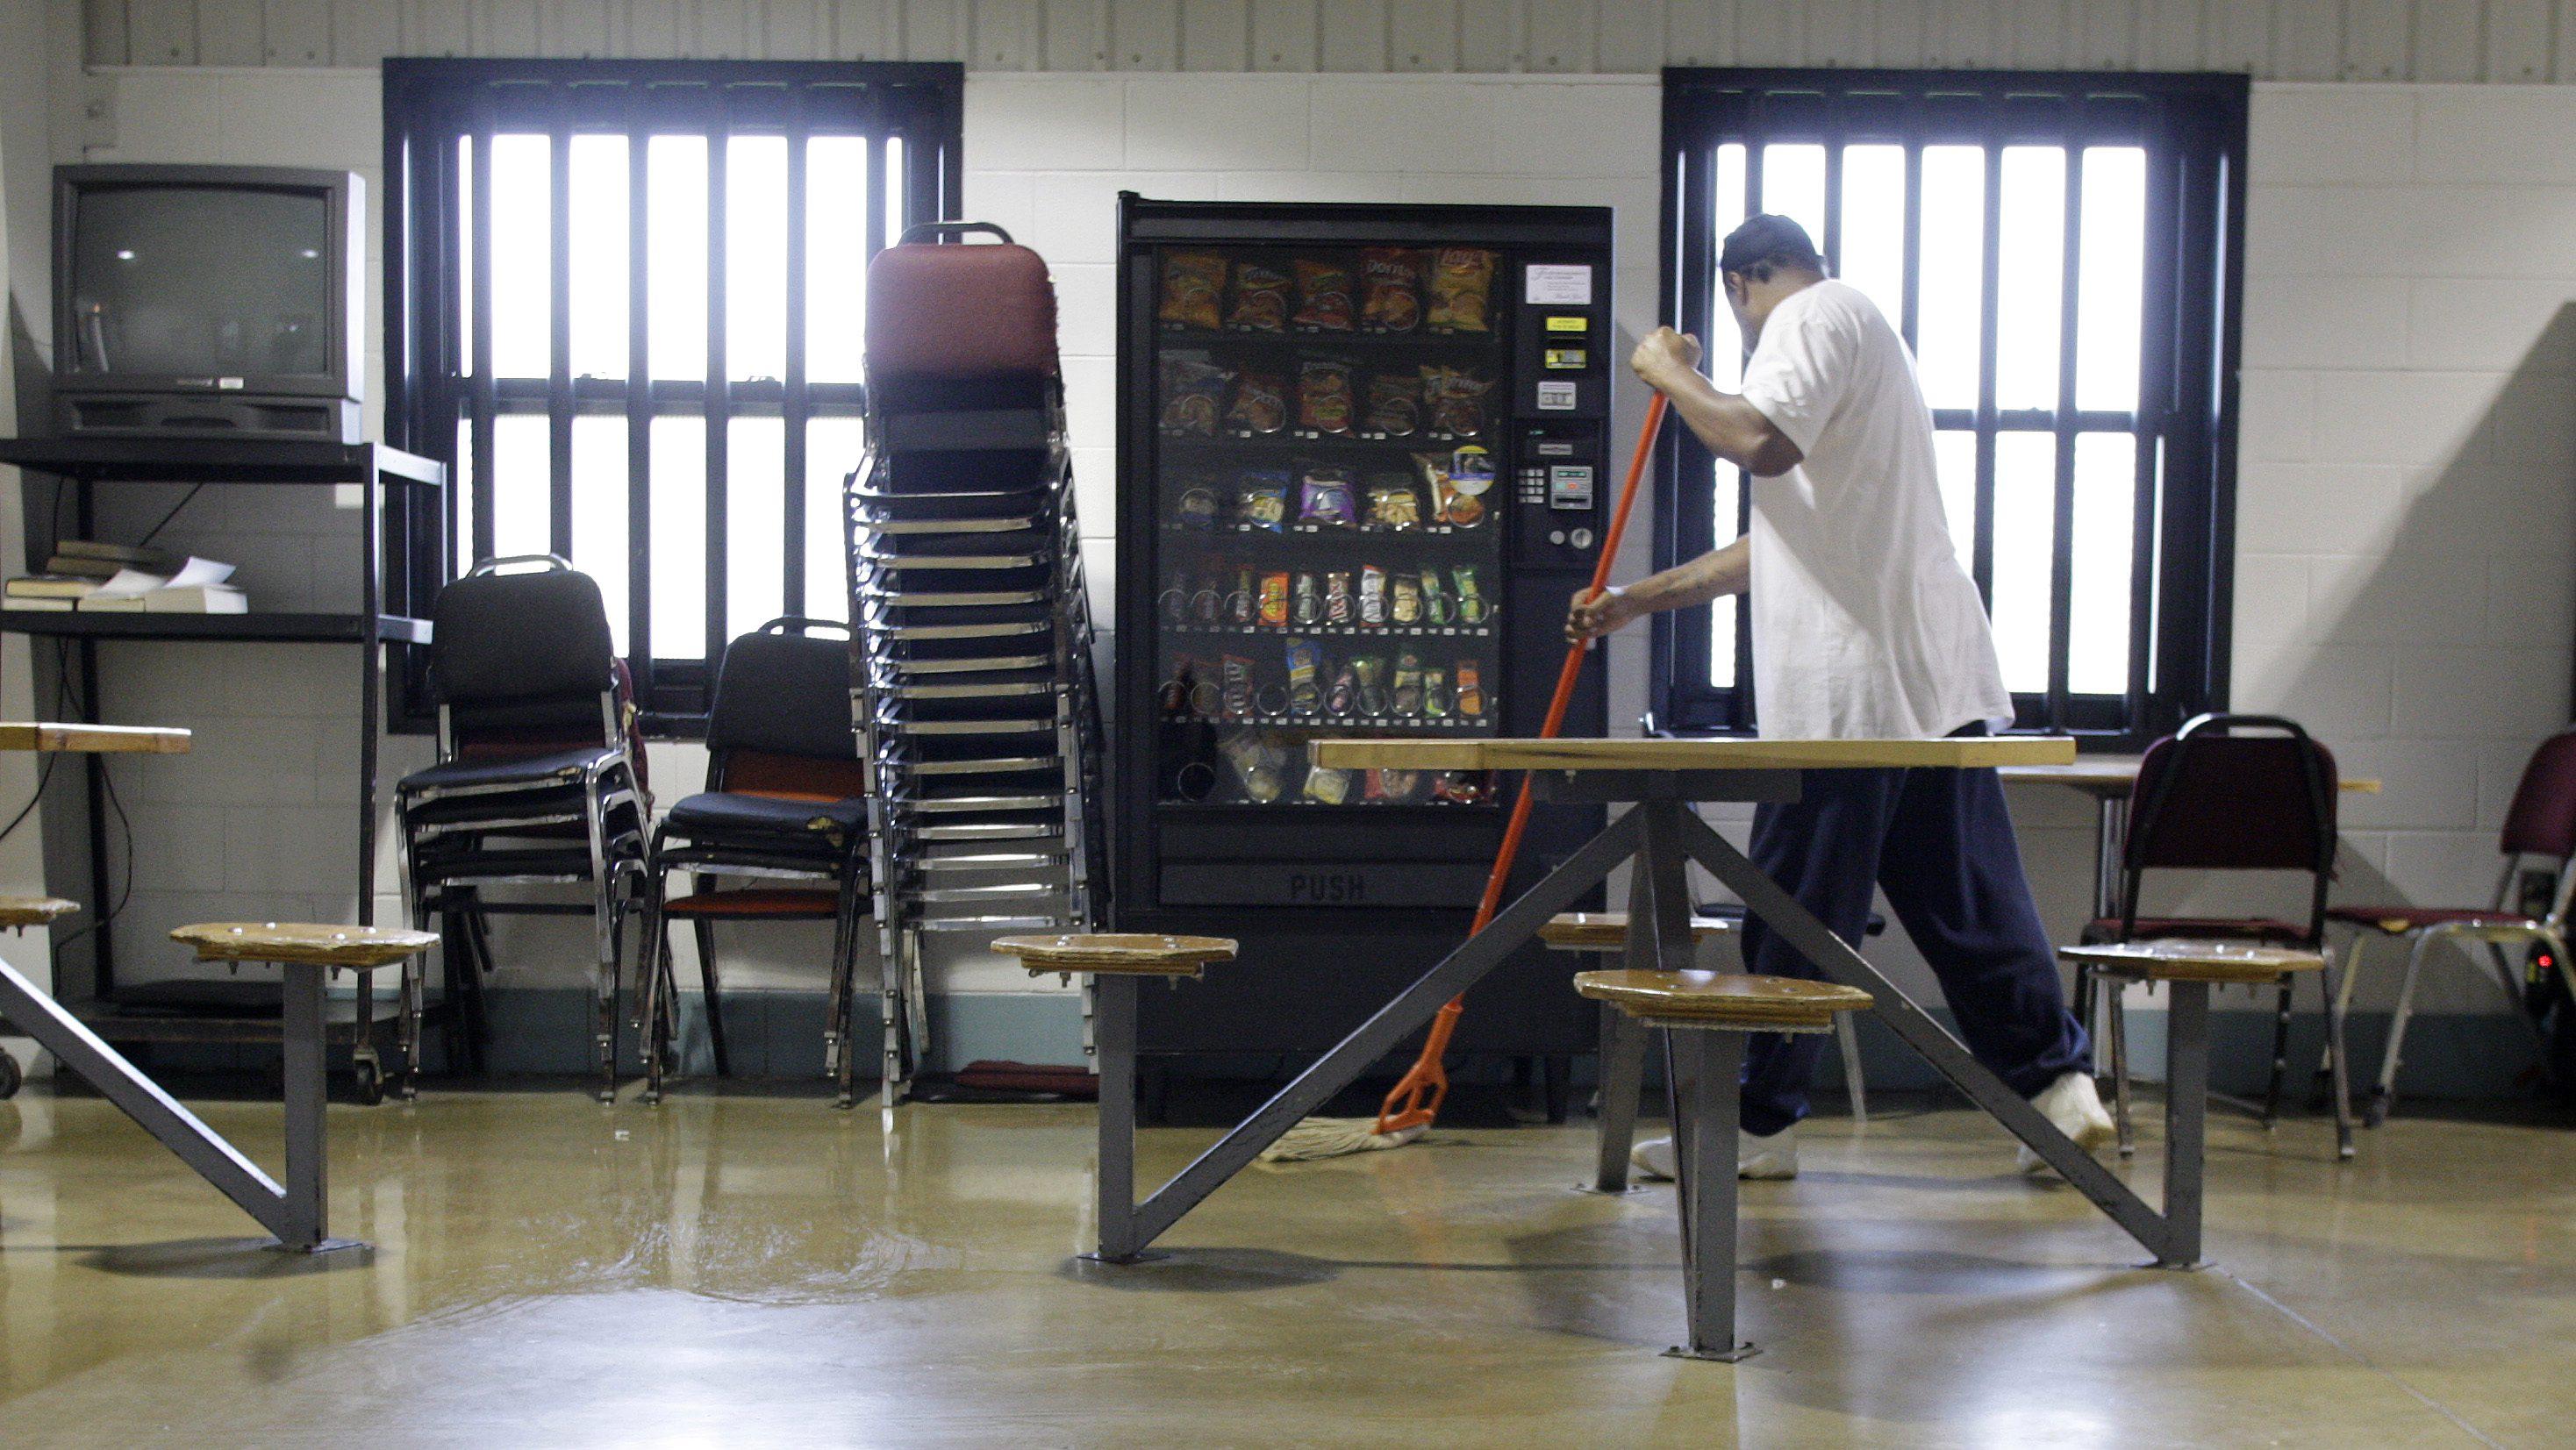 Private Prisons Ohio